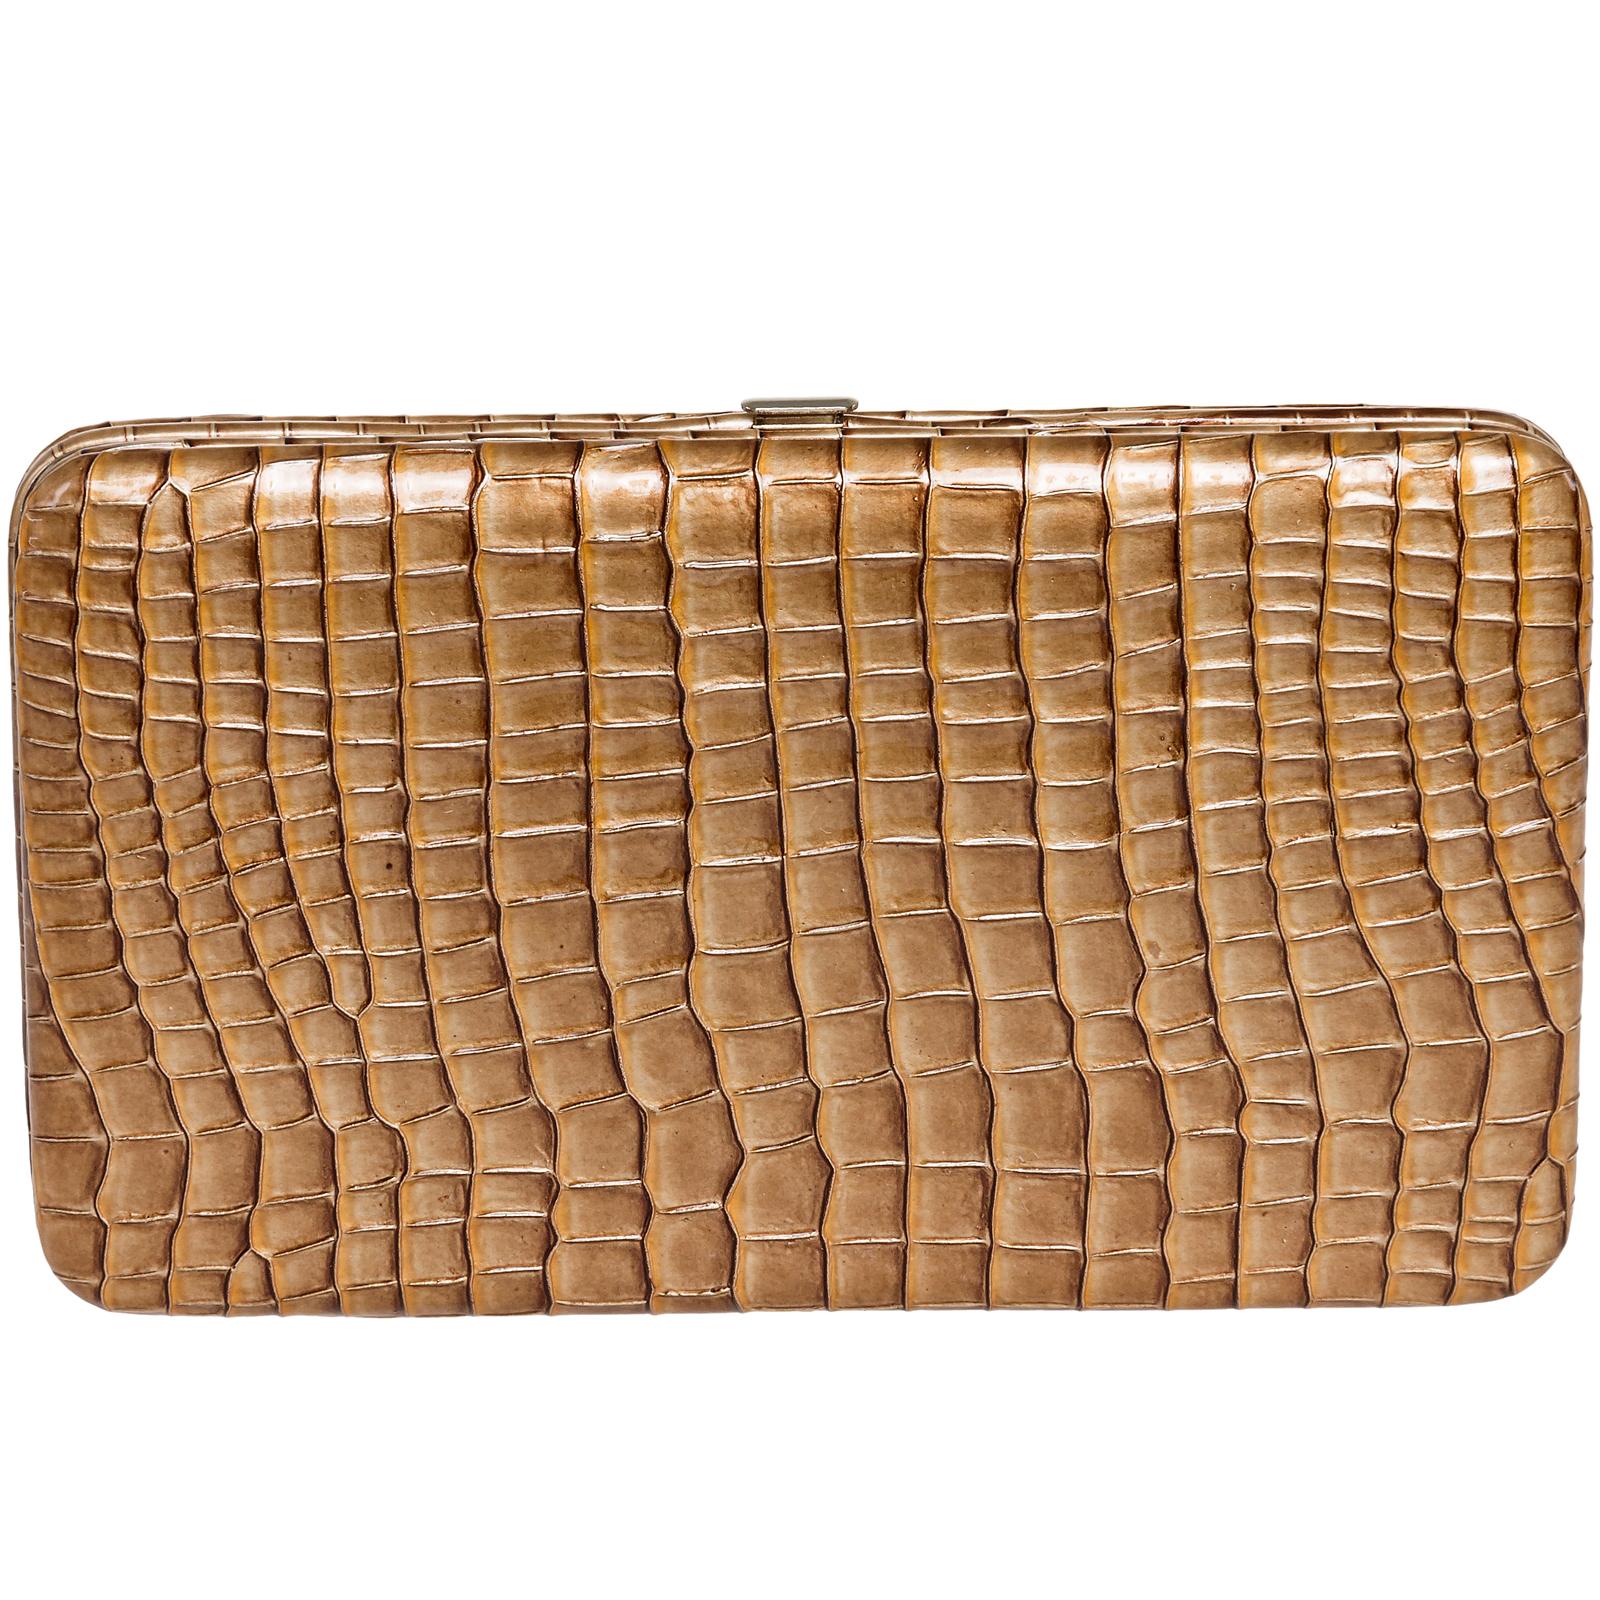 Reptile Flat Clutch Wallet Purse w/Checkbook Case